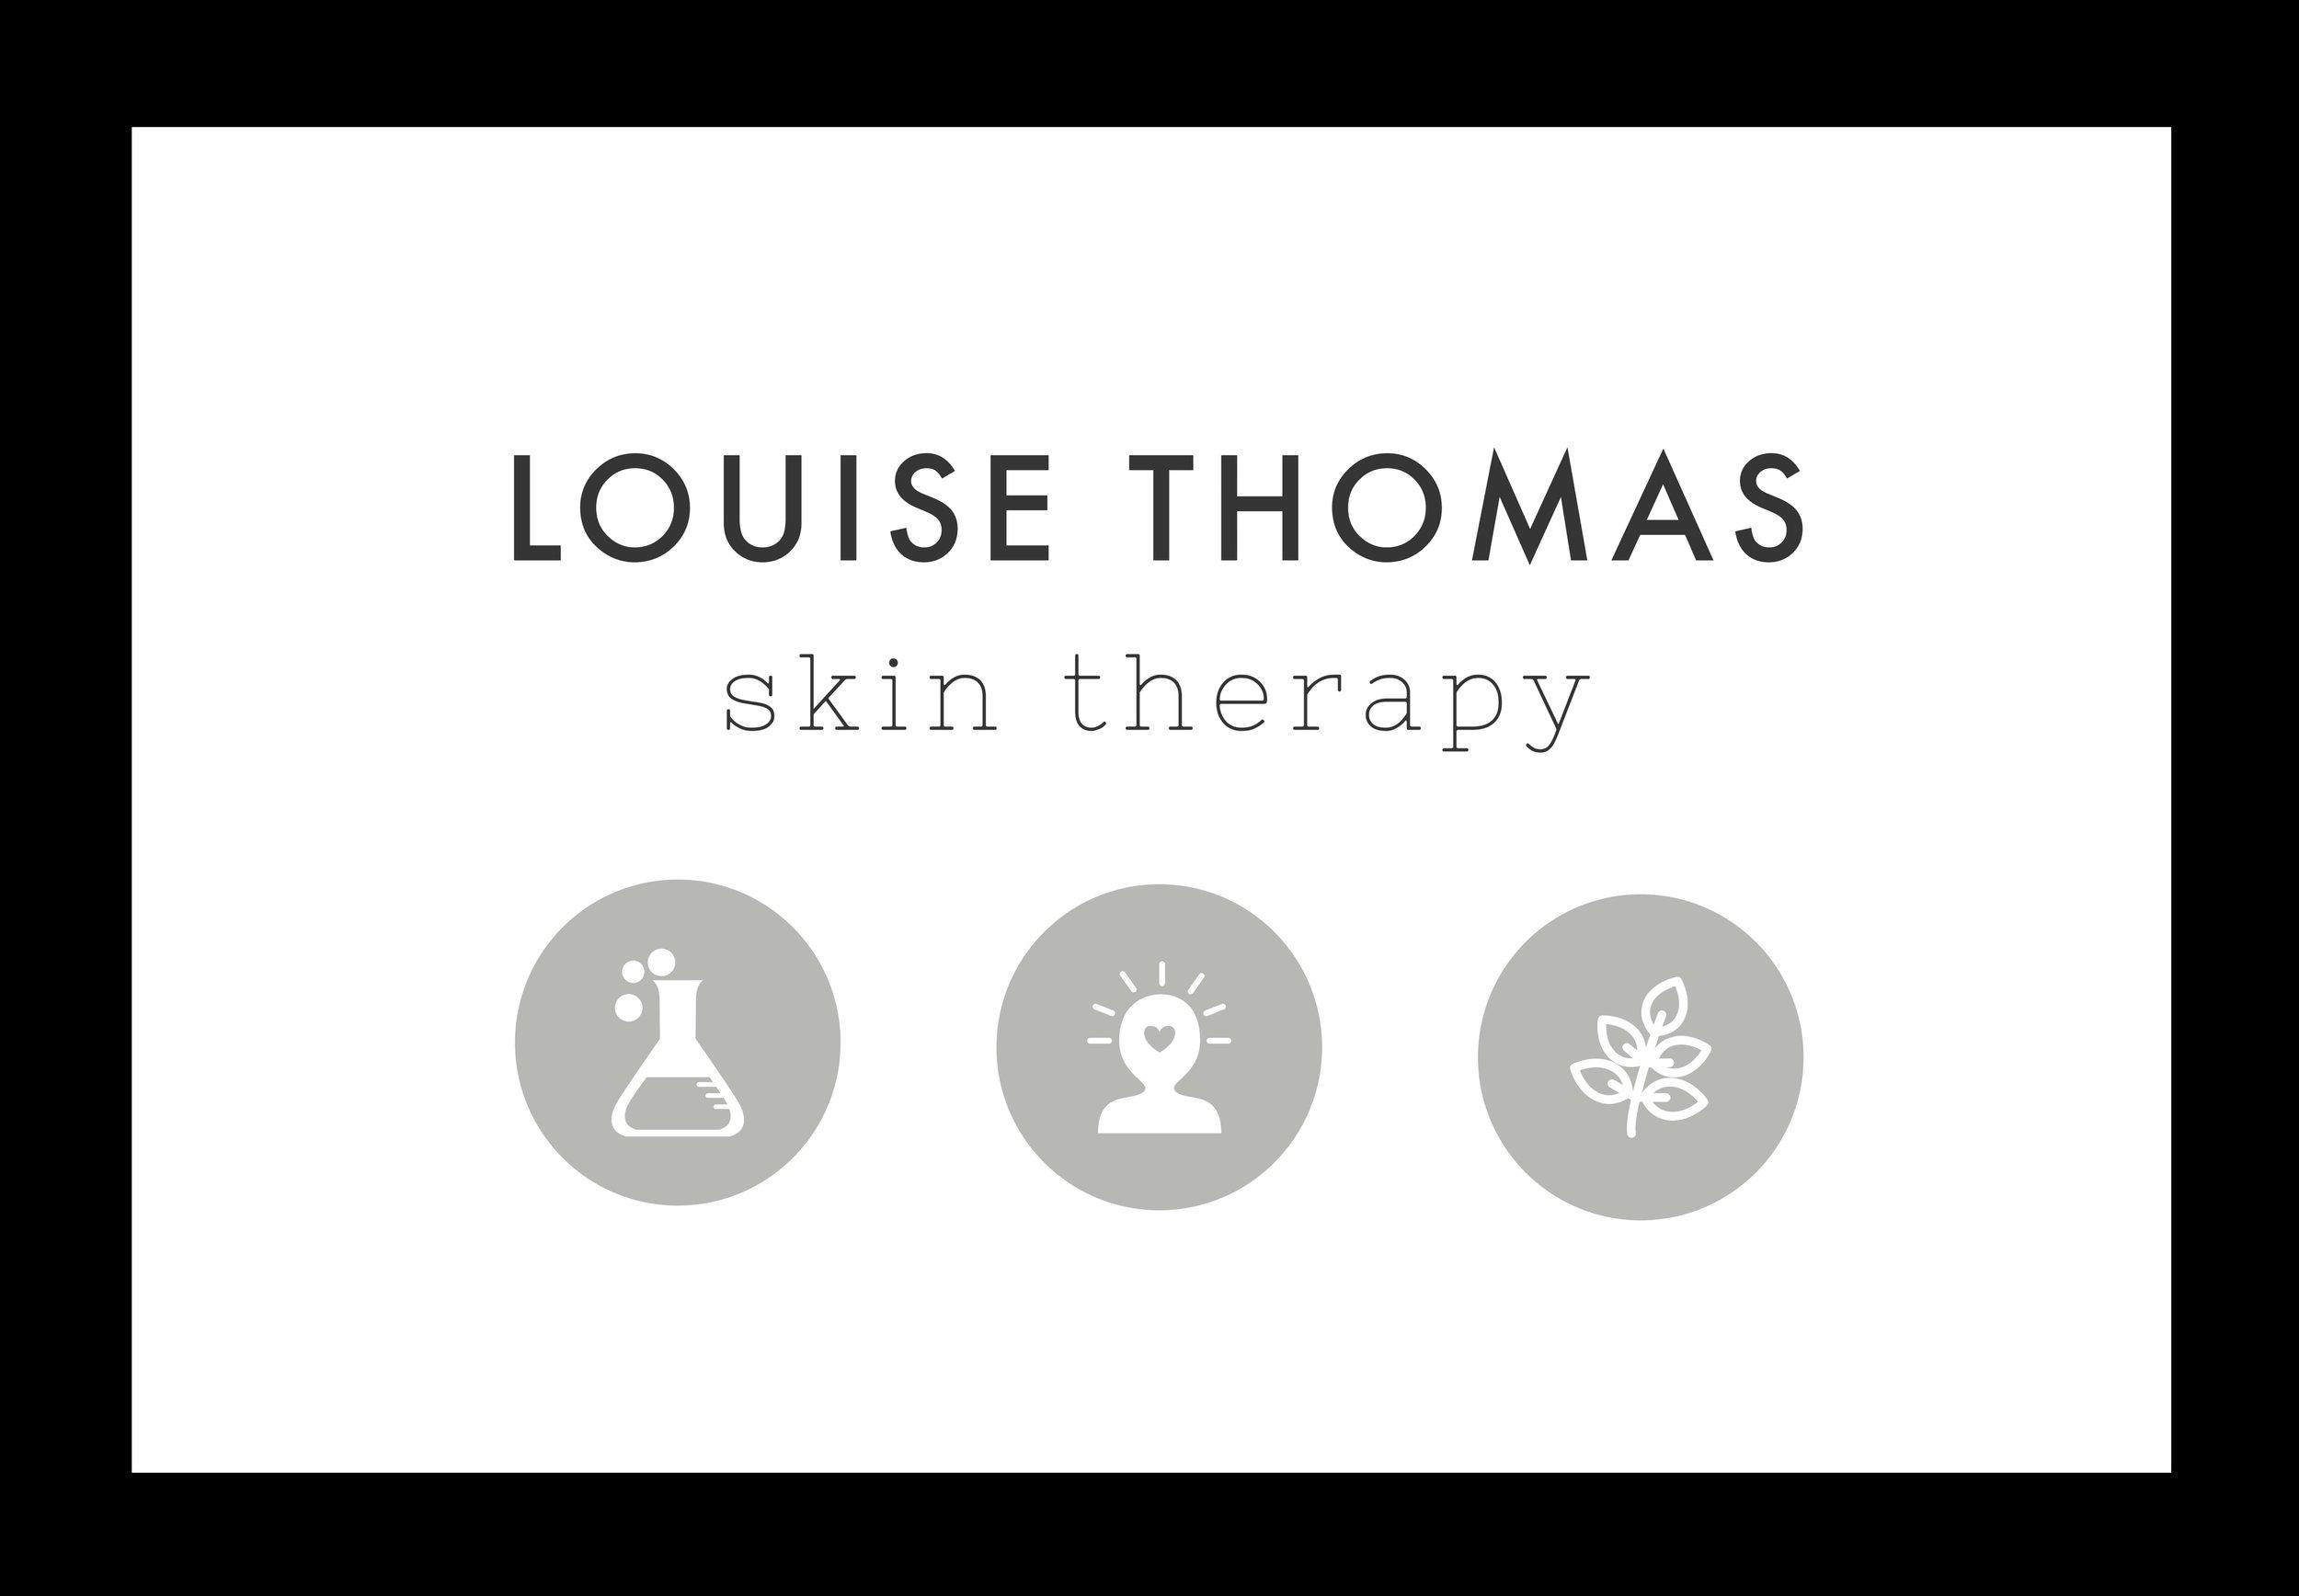 LOUISE THOMAS SKIN THERAPY.jpg